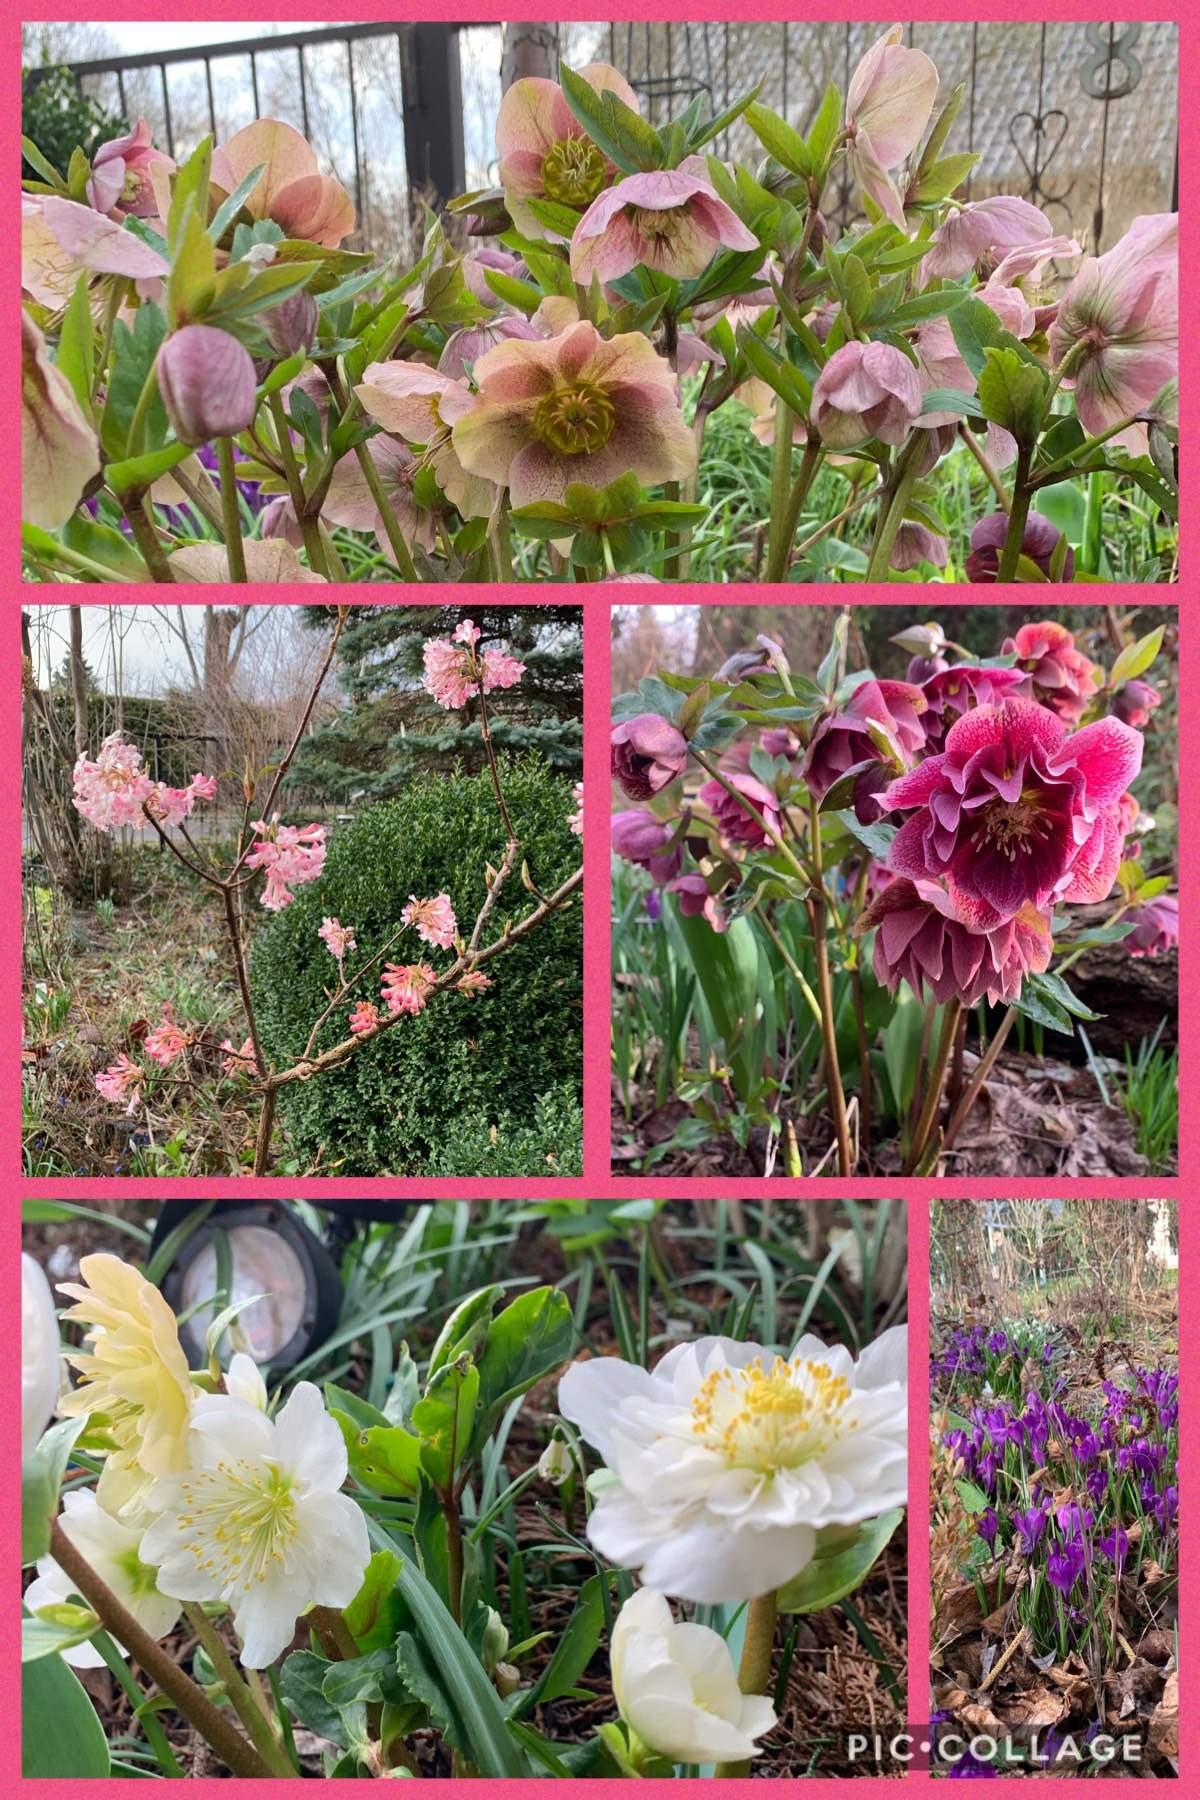 Mein Schöner Garten forum Neu Foto Collagen Page 4 Mein Schöner Garten forum